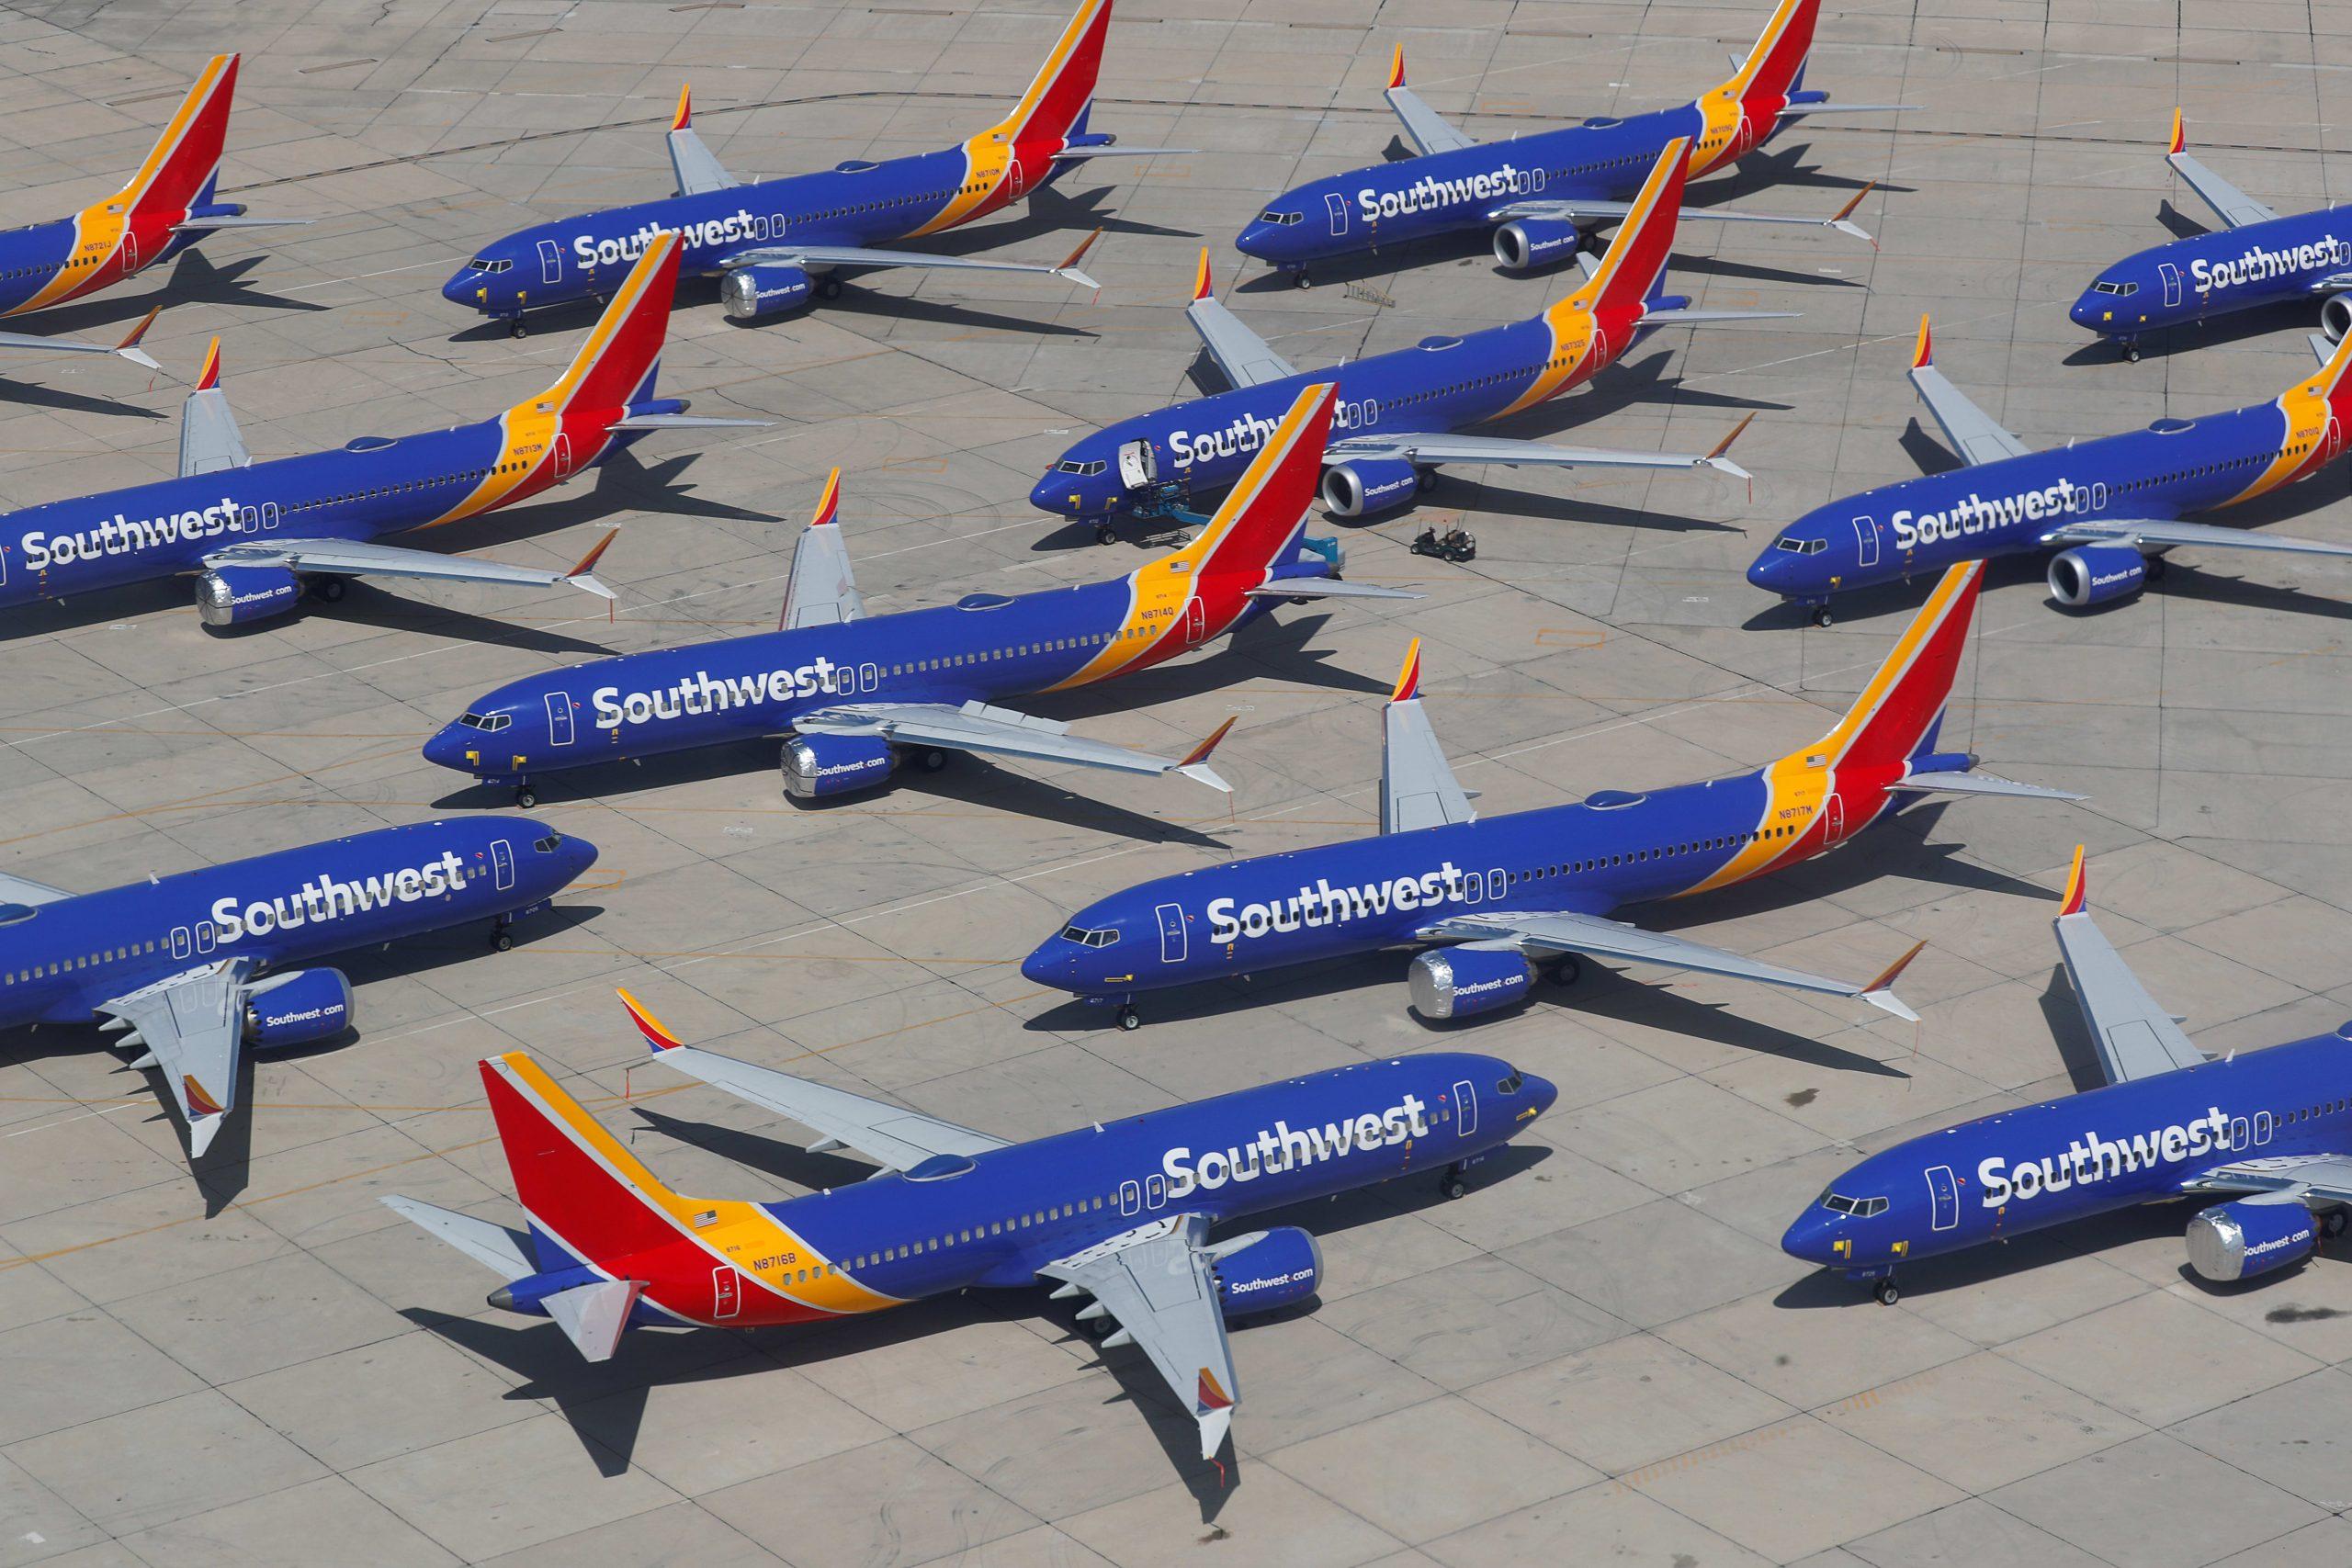 Khách 'chưa dám' bay, kinh doanh hàng không vốn đã chật vật sẽ còn tồi tệ hơn - Ảnh 4.